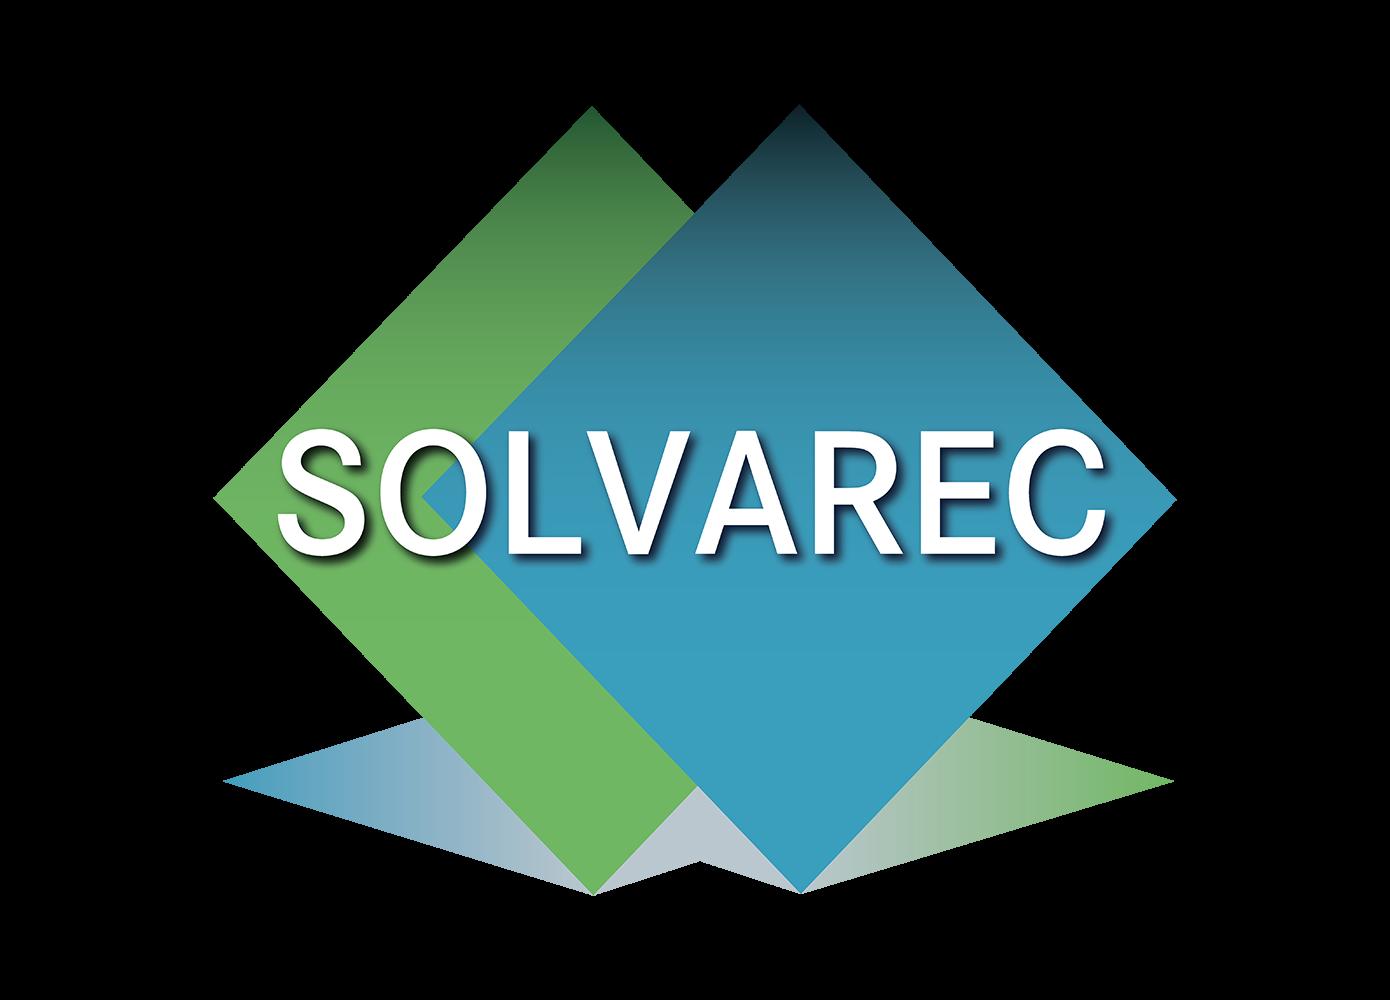 SOLVAREC